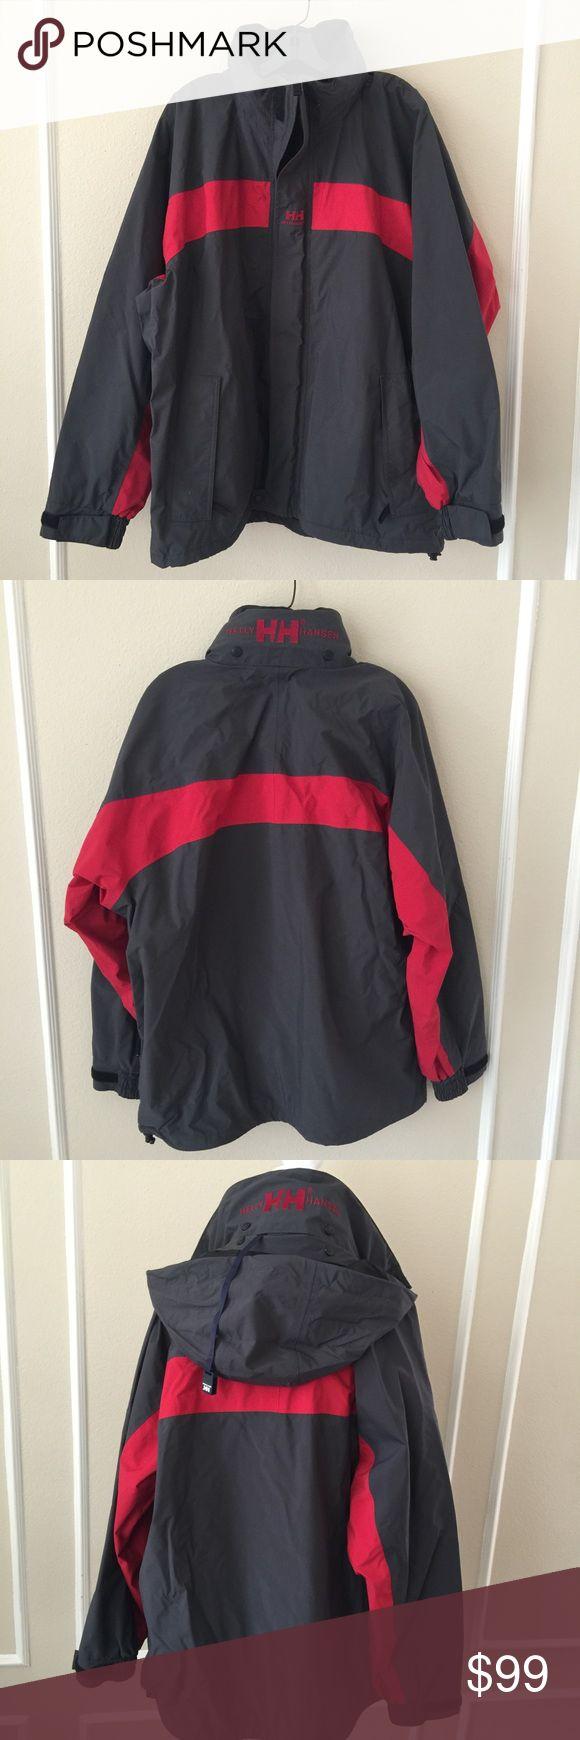 NWOT Helly Hansen Jacket NWOT Helly Hansen Jacket. Size L. Perfect condition Helly Hansen Jackets & Coats